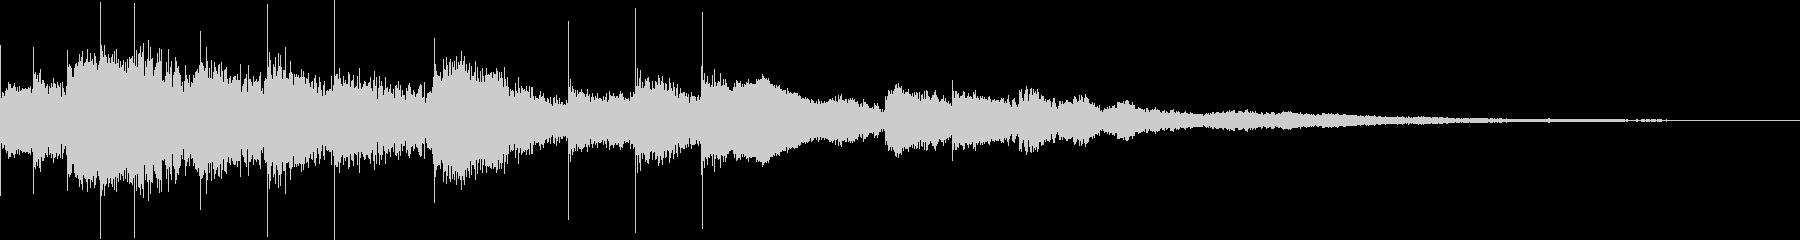 サウンドロゴ マレット系の未再生の波形